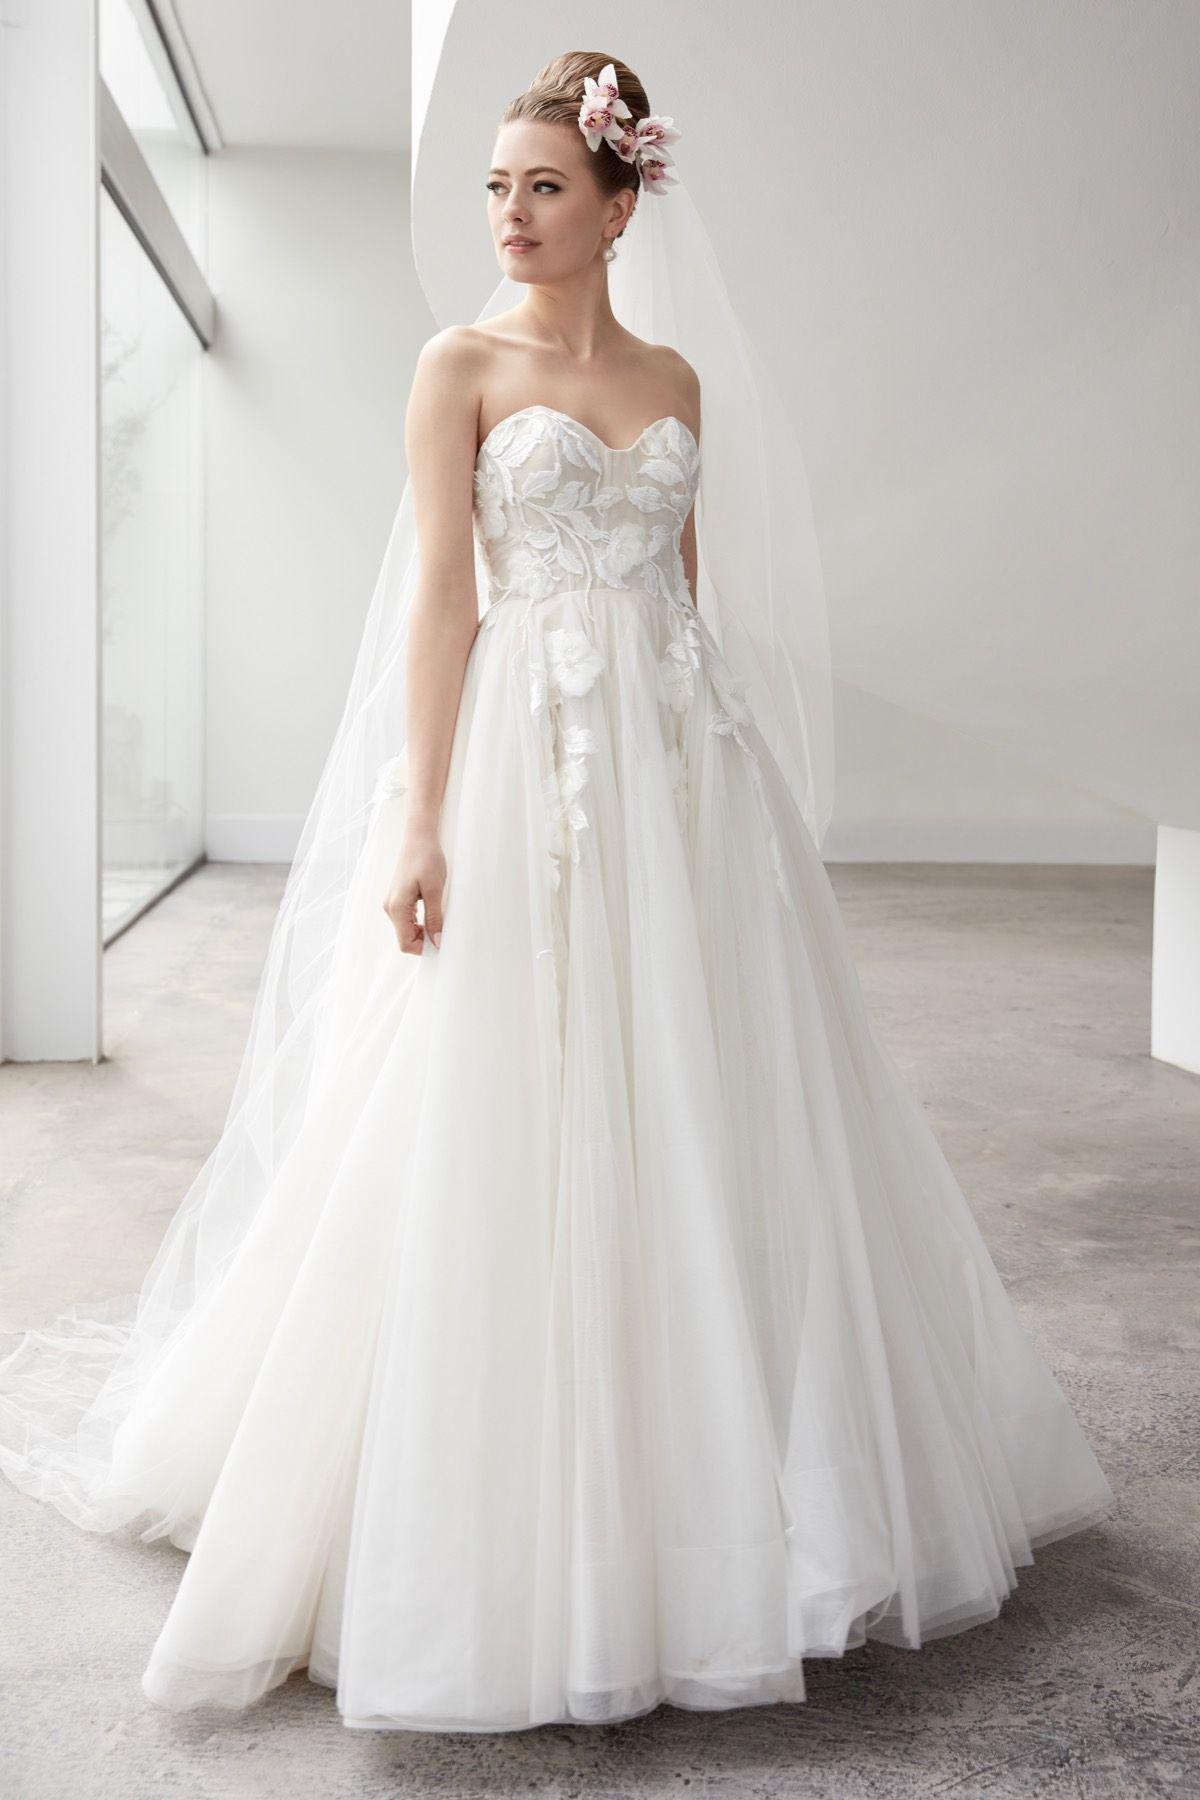 Bentlee by Watters at Sash & Bustle in 2020 Wedding